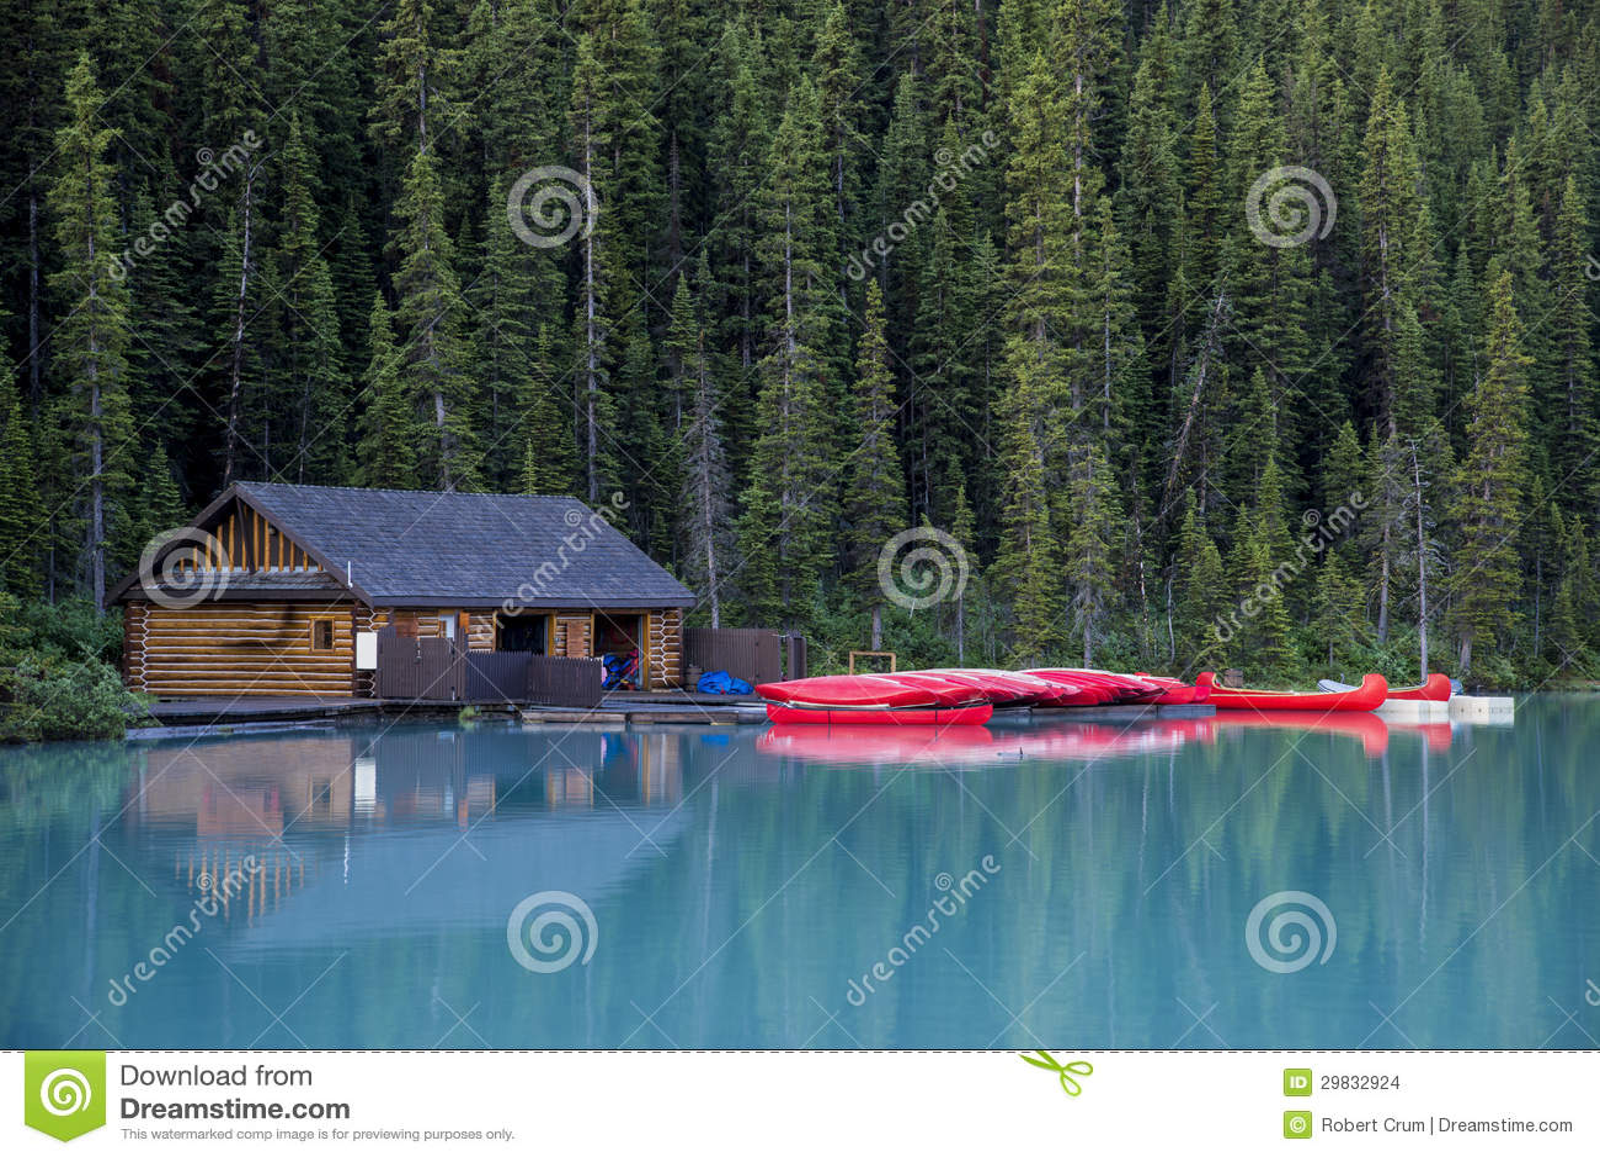 Boathouse e canoas, parque nacional de Banff